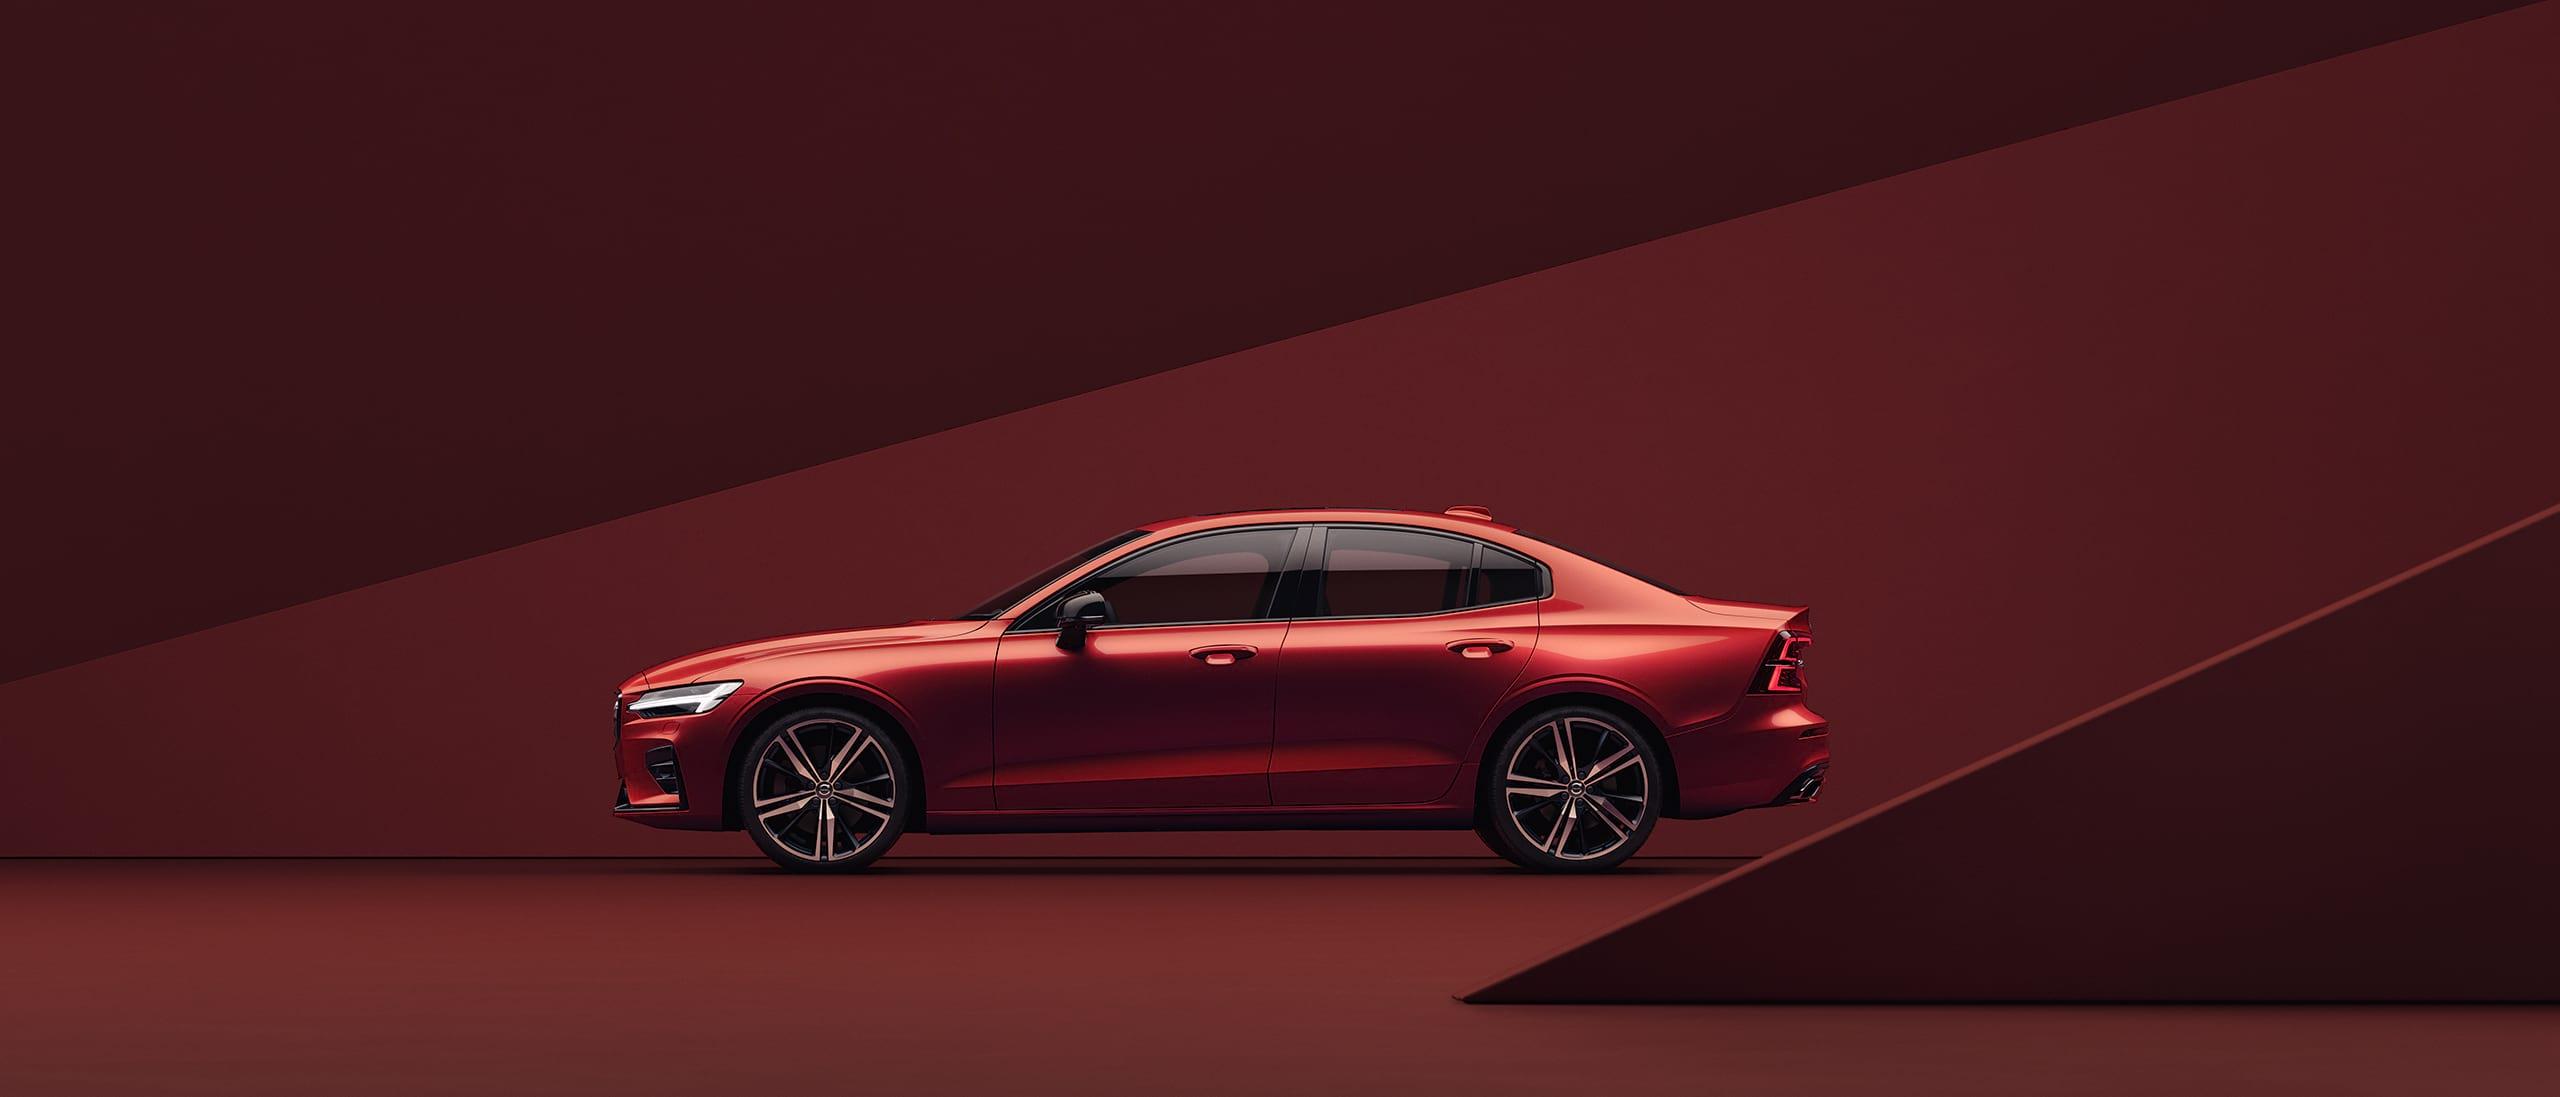 Czerwone Volvo S60, zaparkowane wczerwonym otoczeniu.